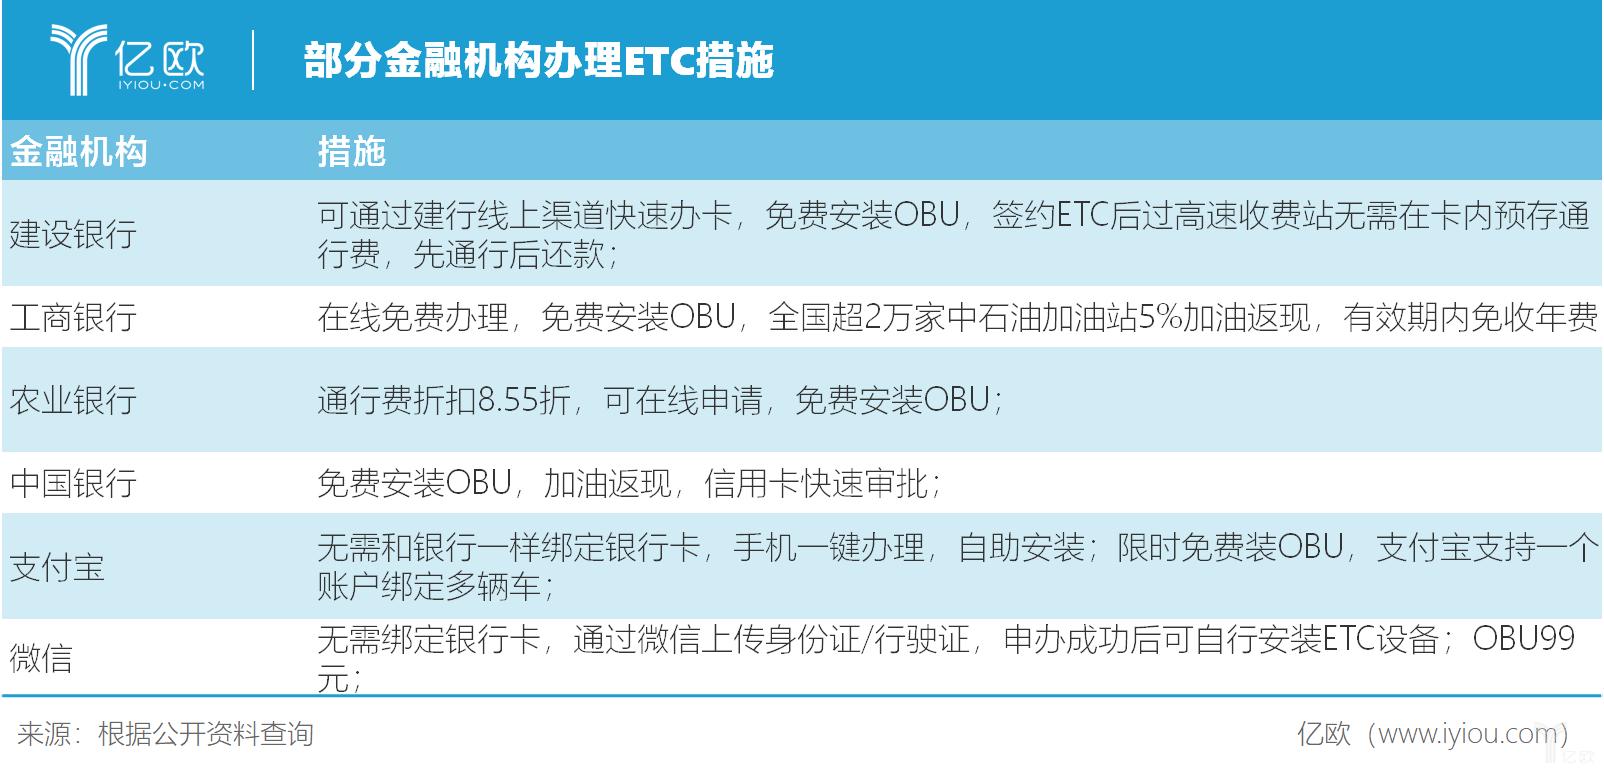 部分金融机构办理ETC措施